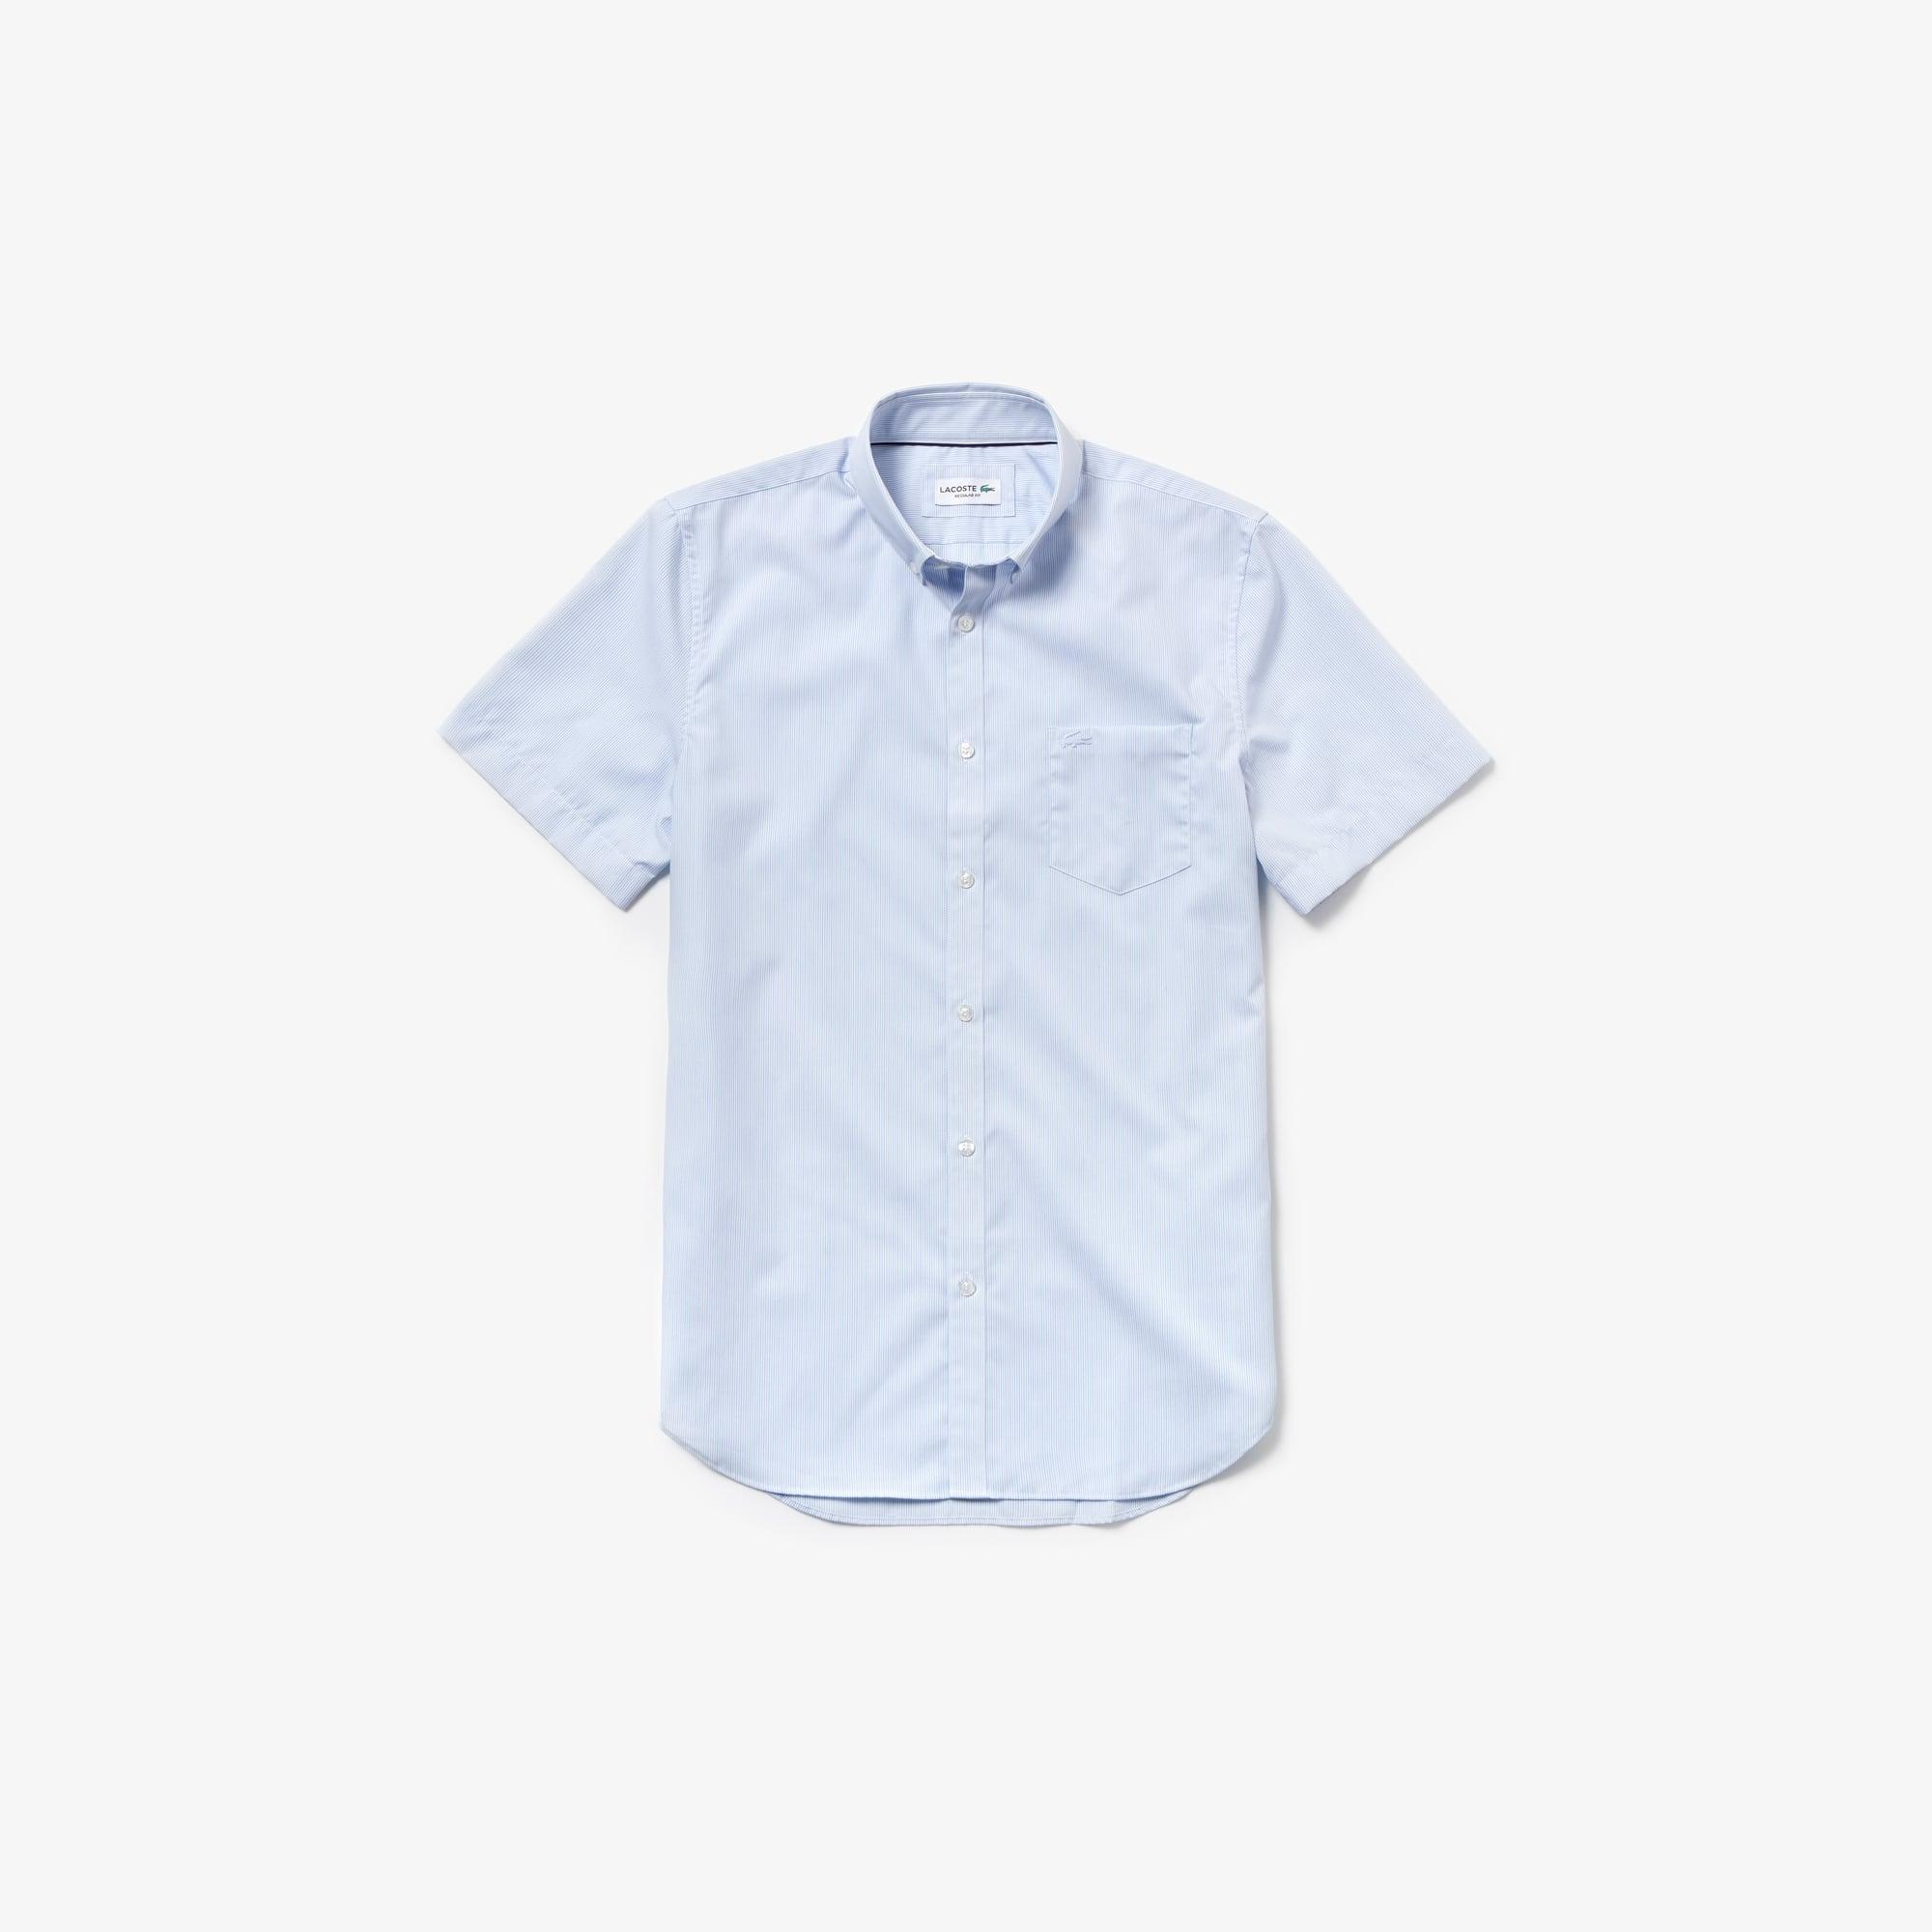 Camisa regular fit de manga curta em popelina de algodão às riscas